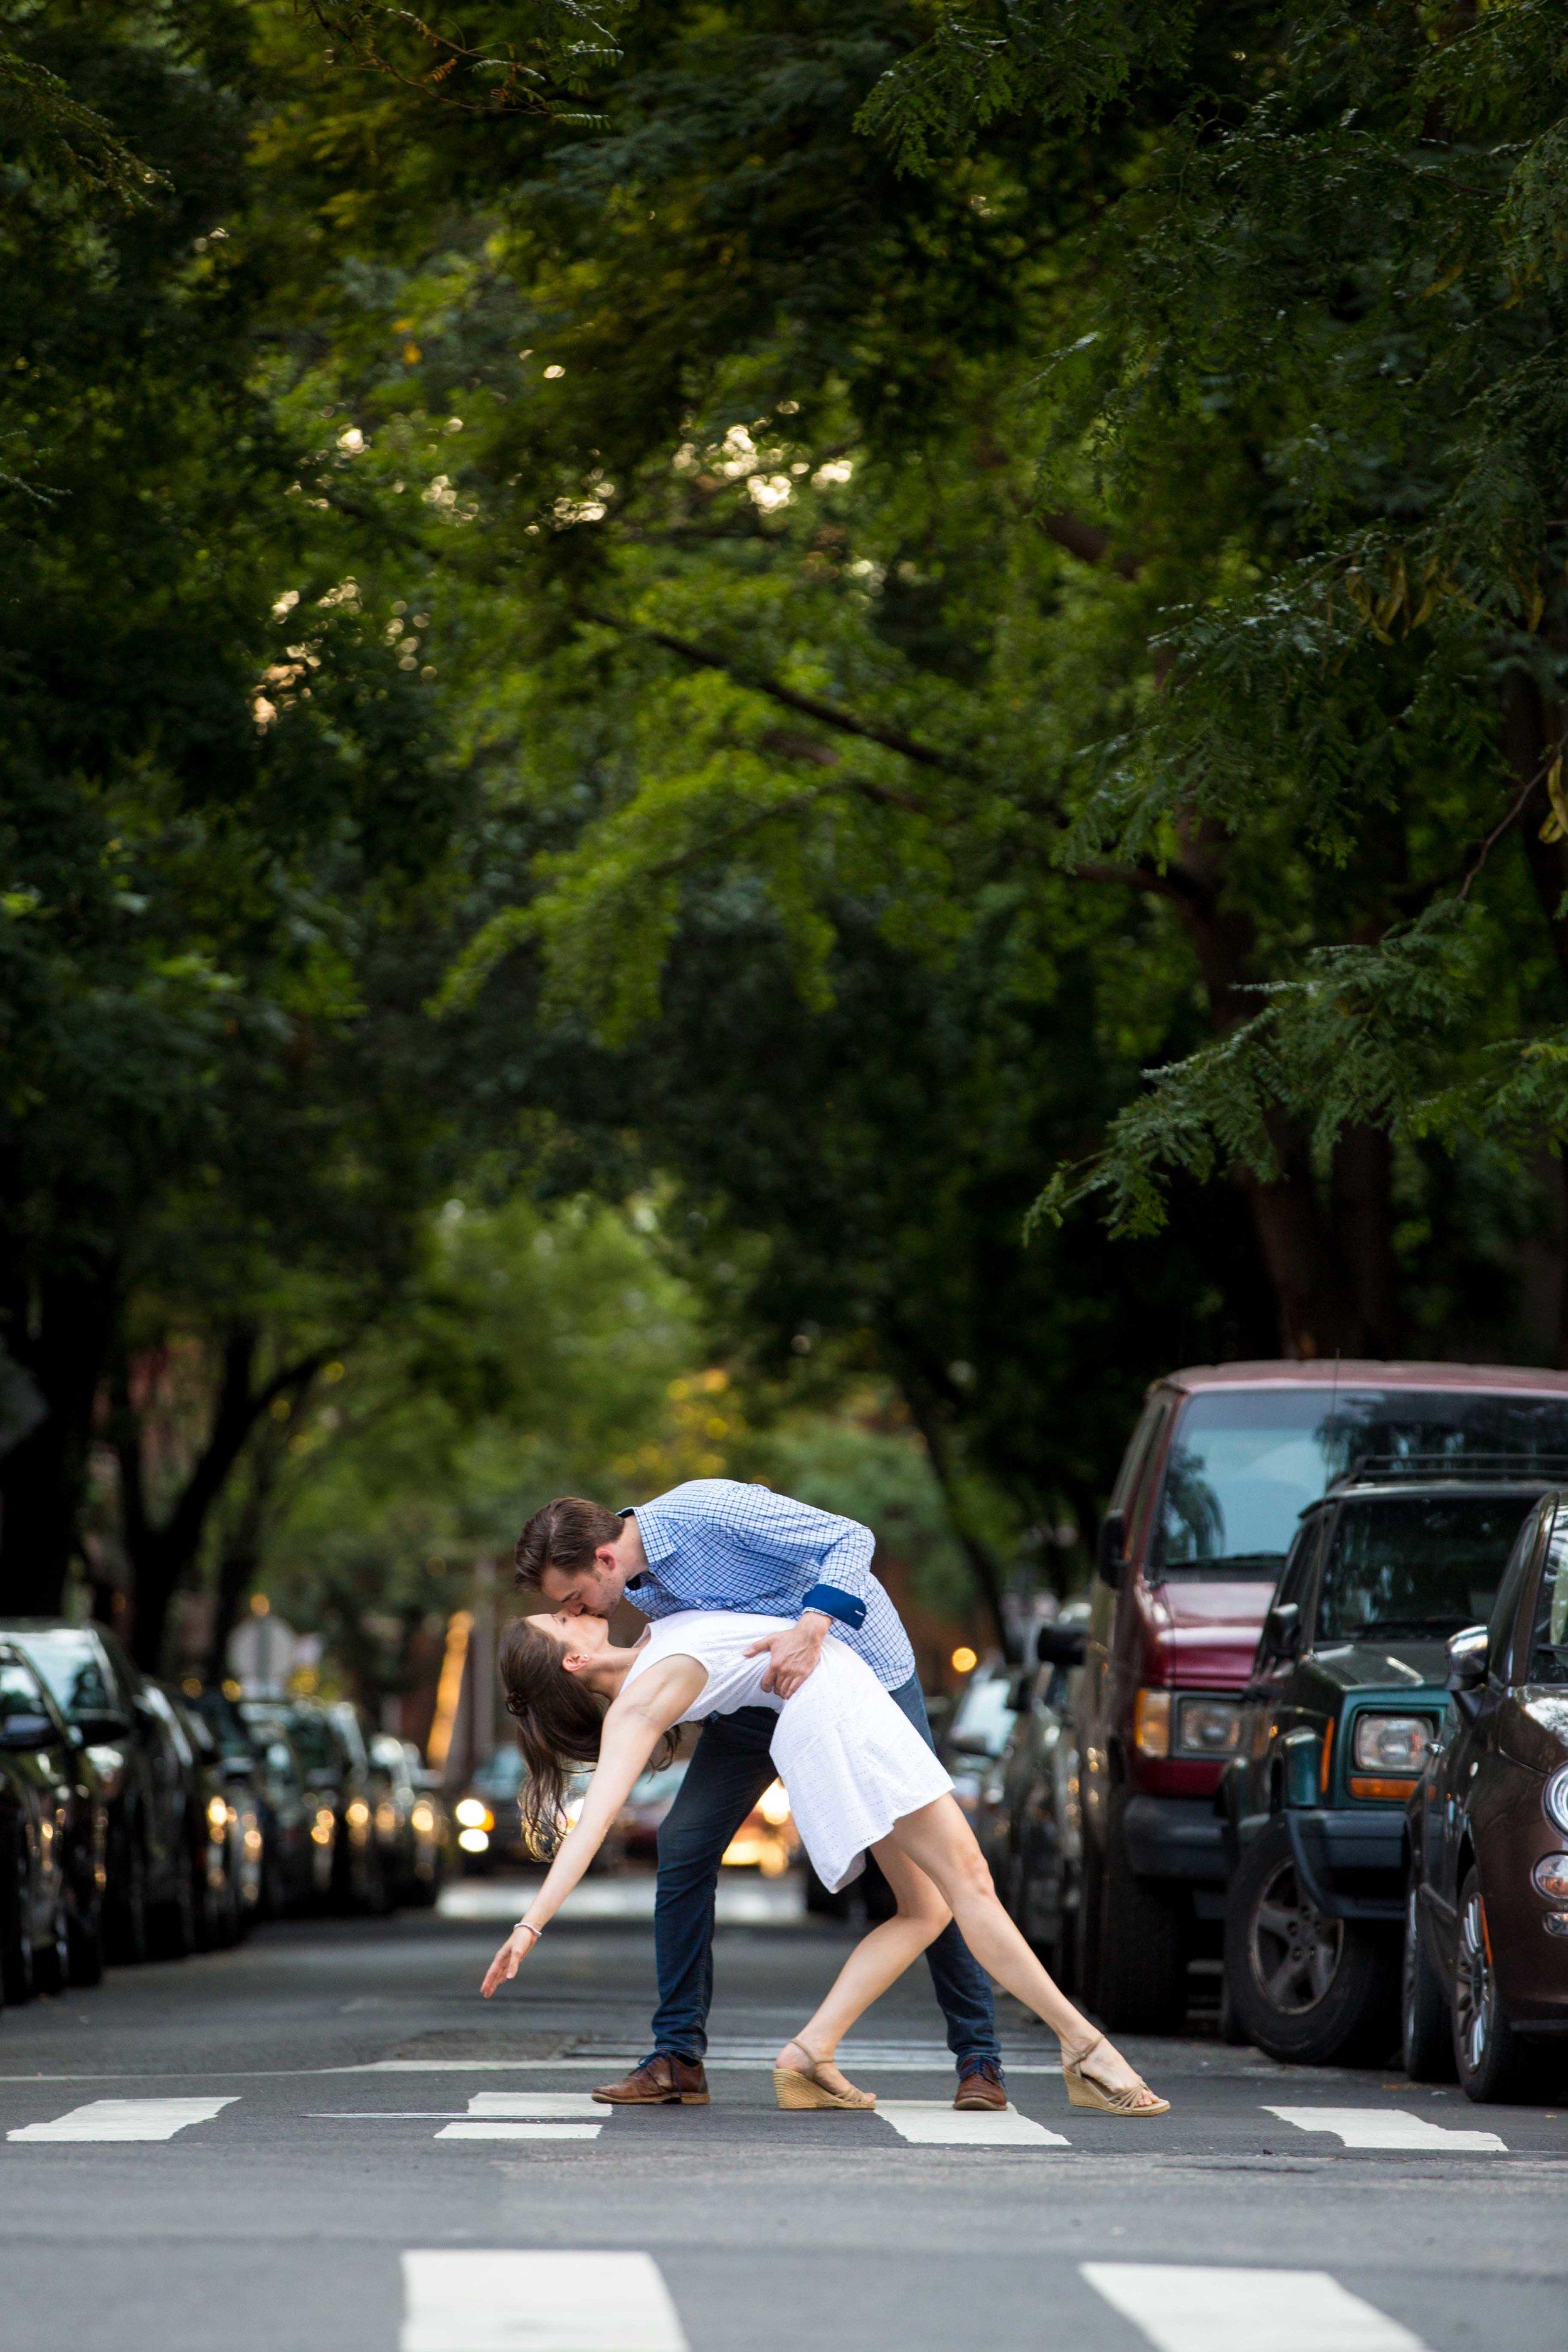 NYC Wedding Photographer Engagement Photos Photo Shoot Session West Village